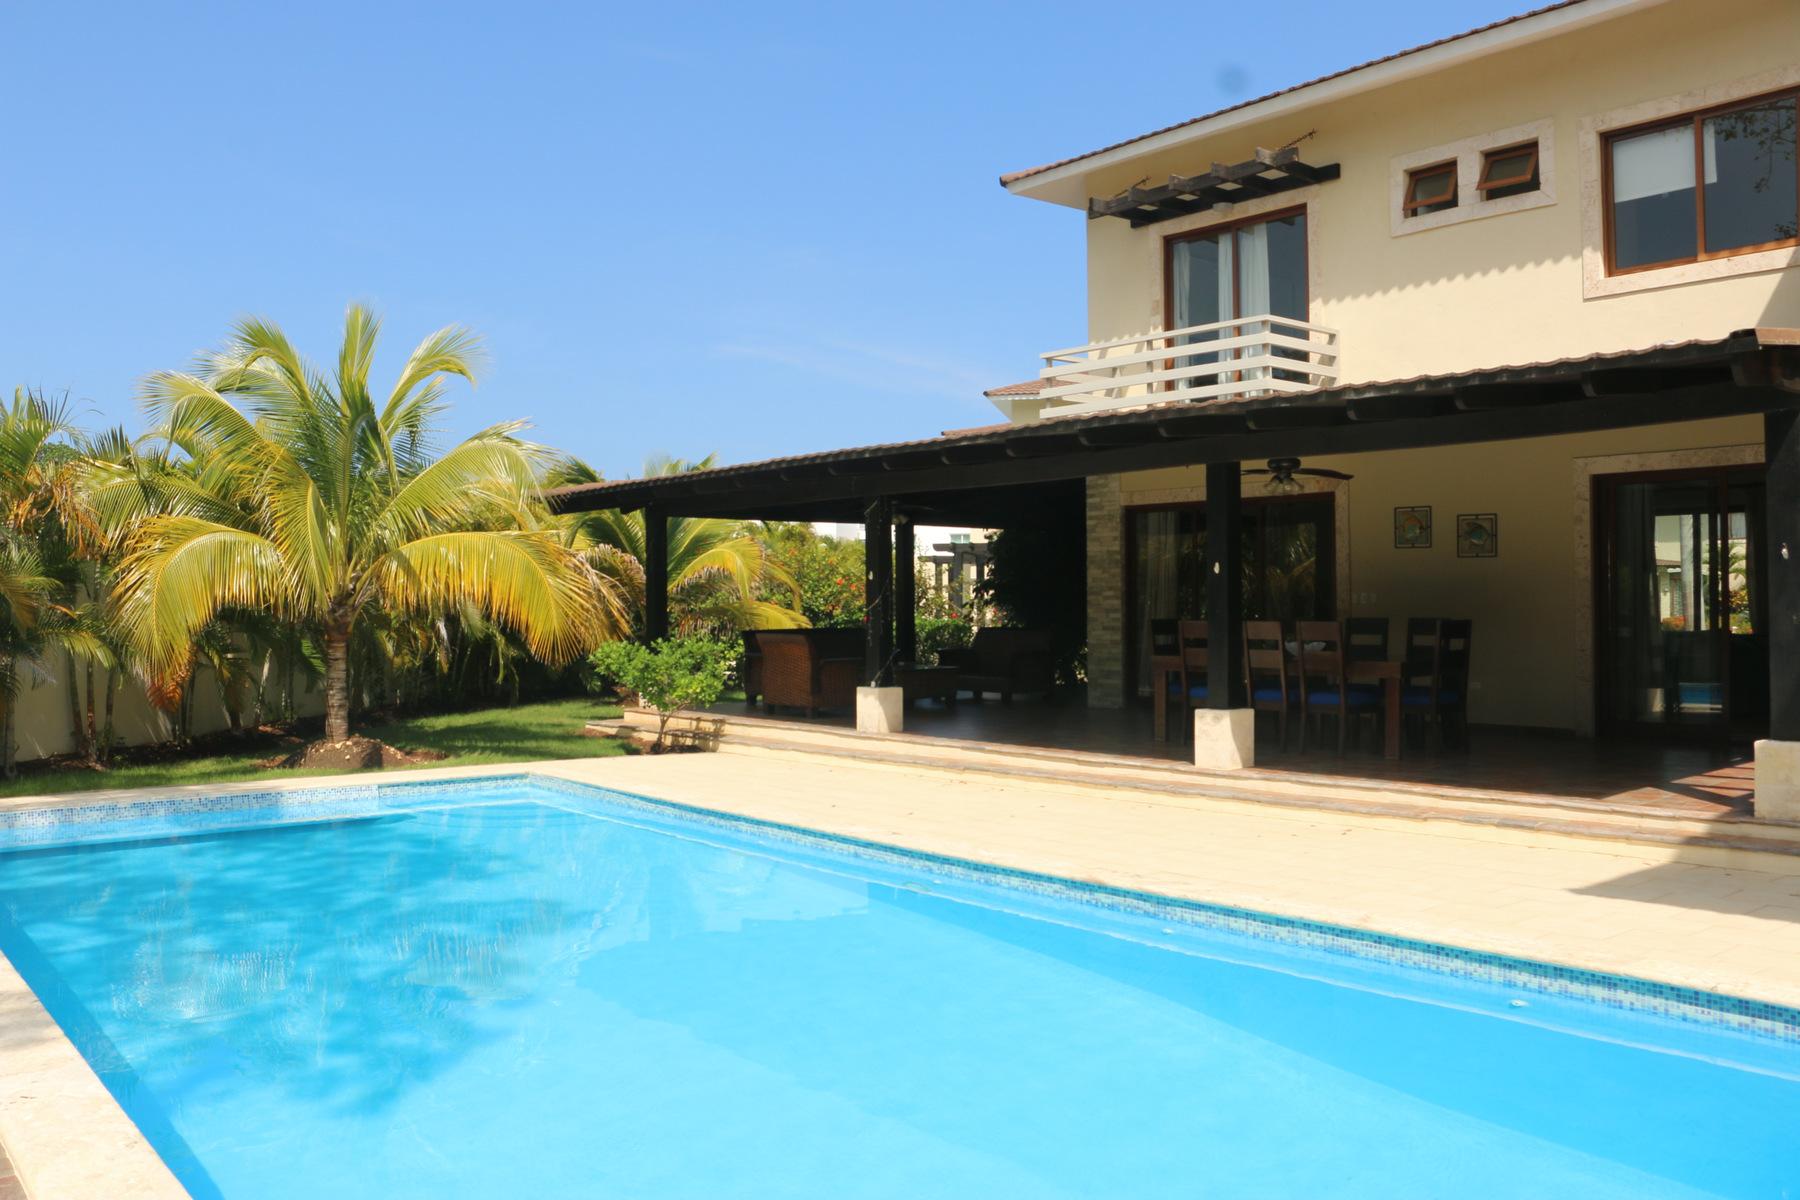 独户住宅 为 销售 在 Ocean High-Villa 1 索苏阿, 普拉塔省, 多米尼加共和国